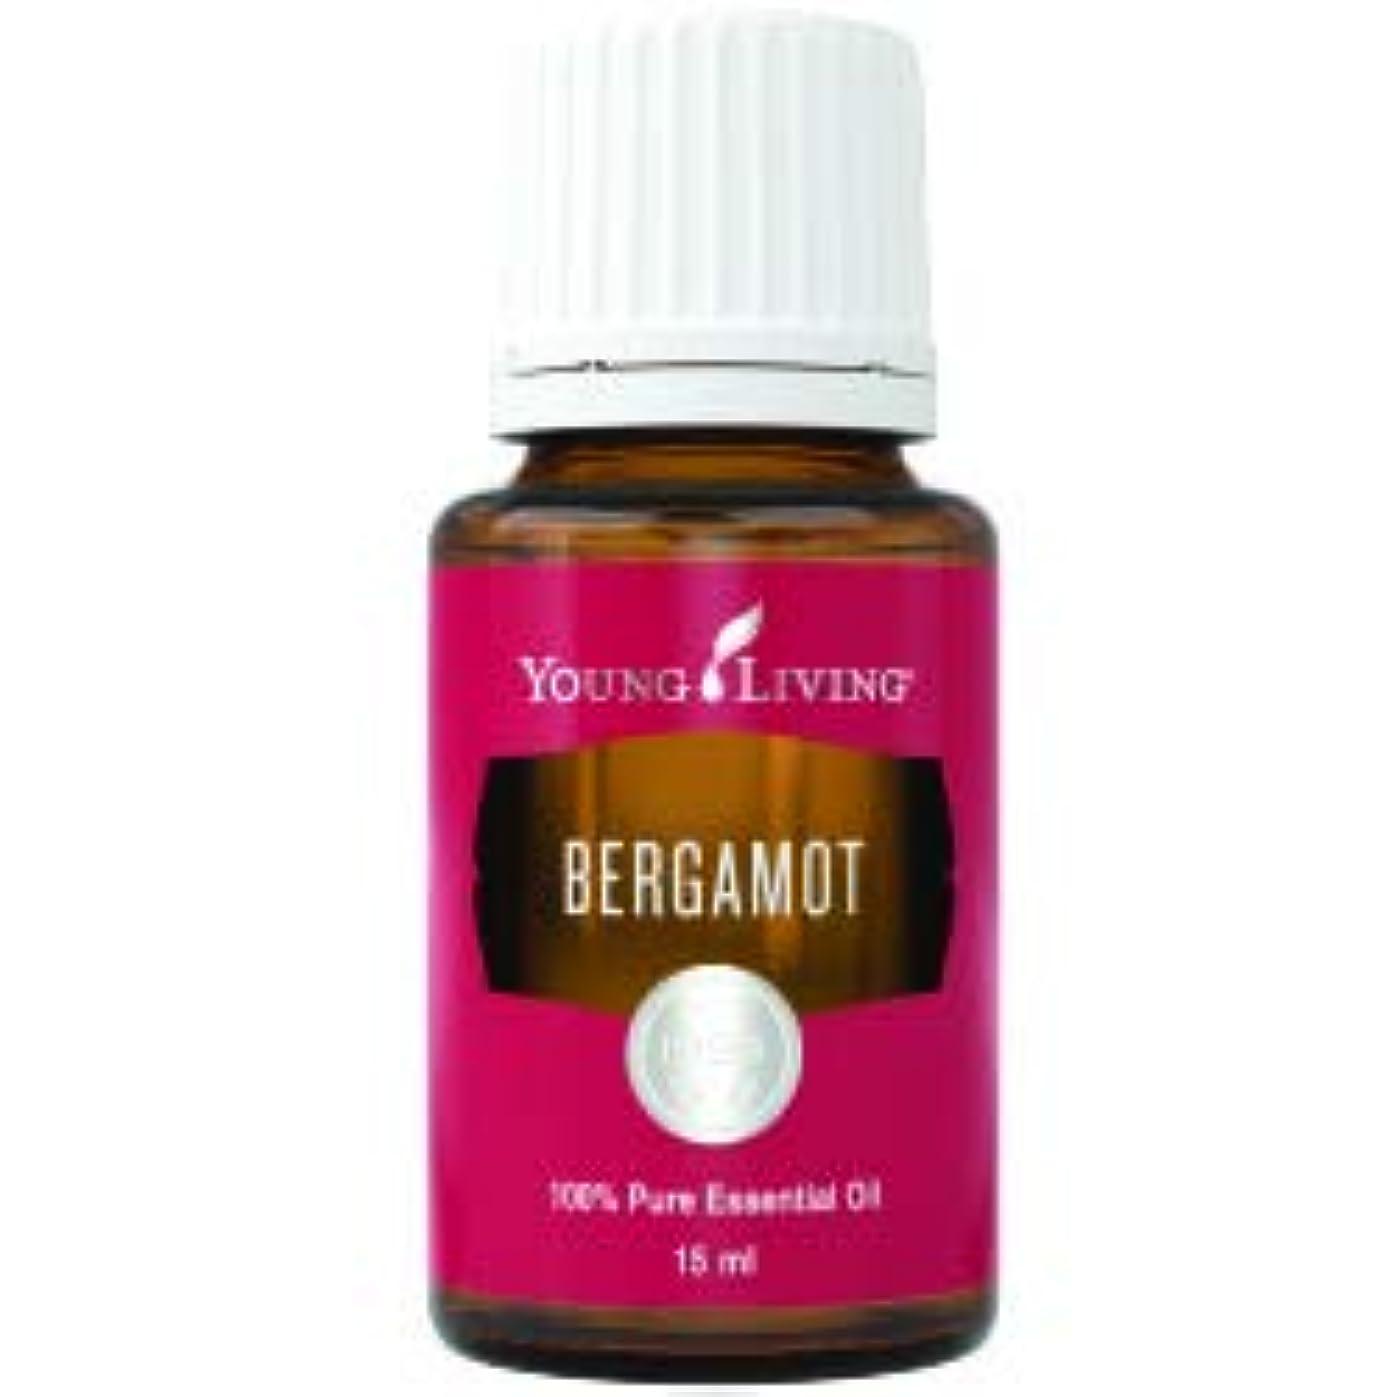 ストレンジャーサスペンド事故ヤングリビングマレーシアのベルガモットエッセンシャルオイル15 ml Bergamot Essential Oil 15 ml by Young Living Malaysia